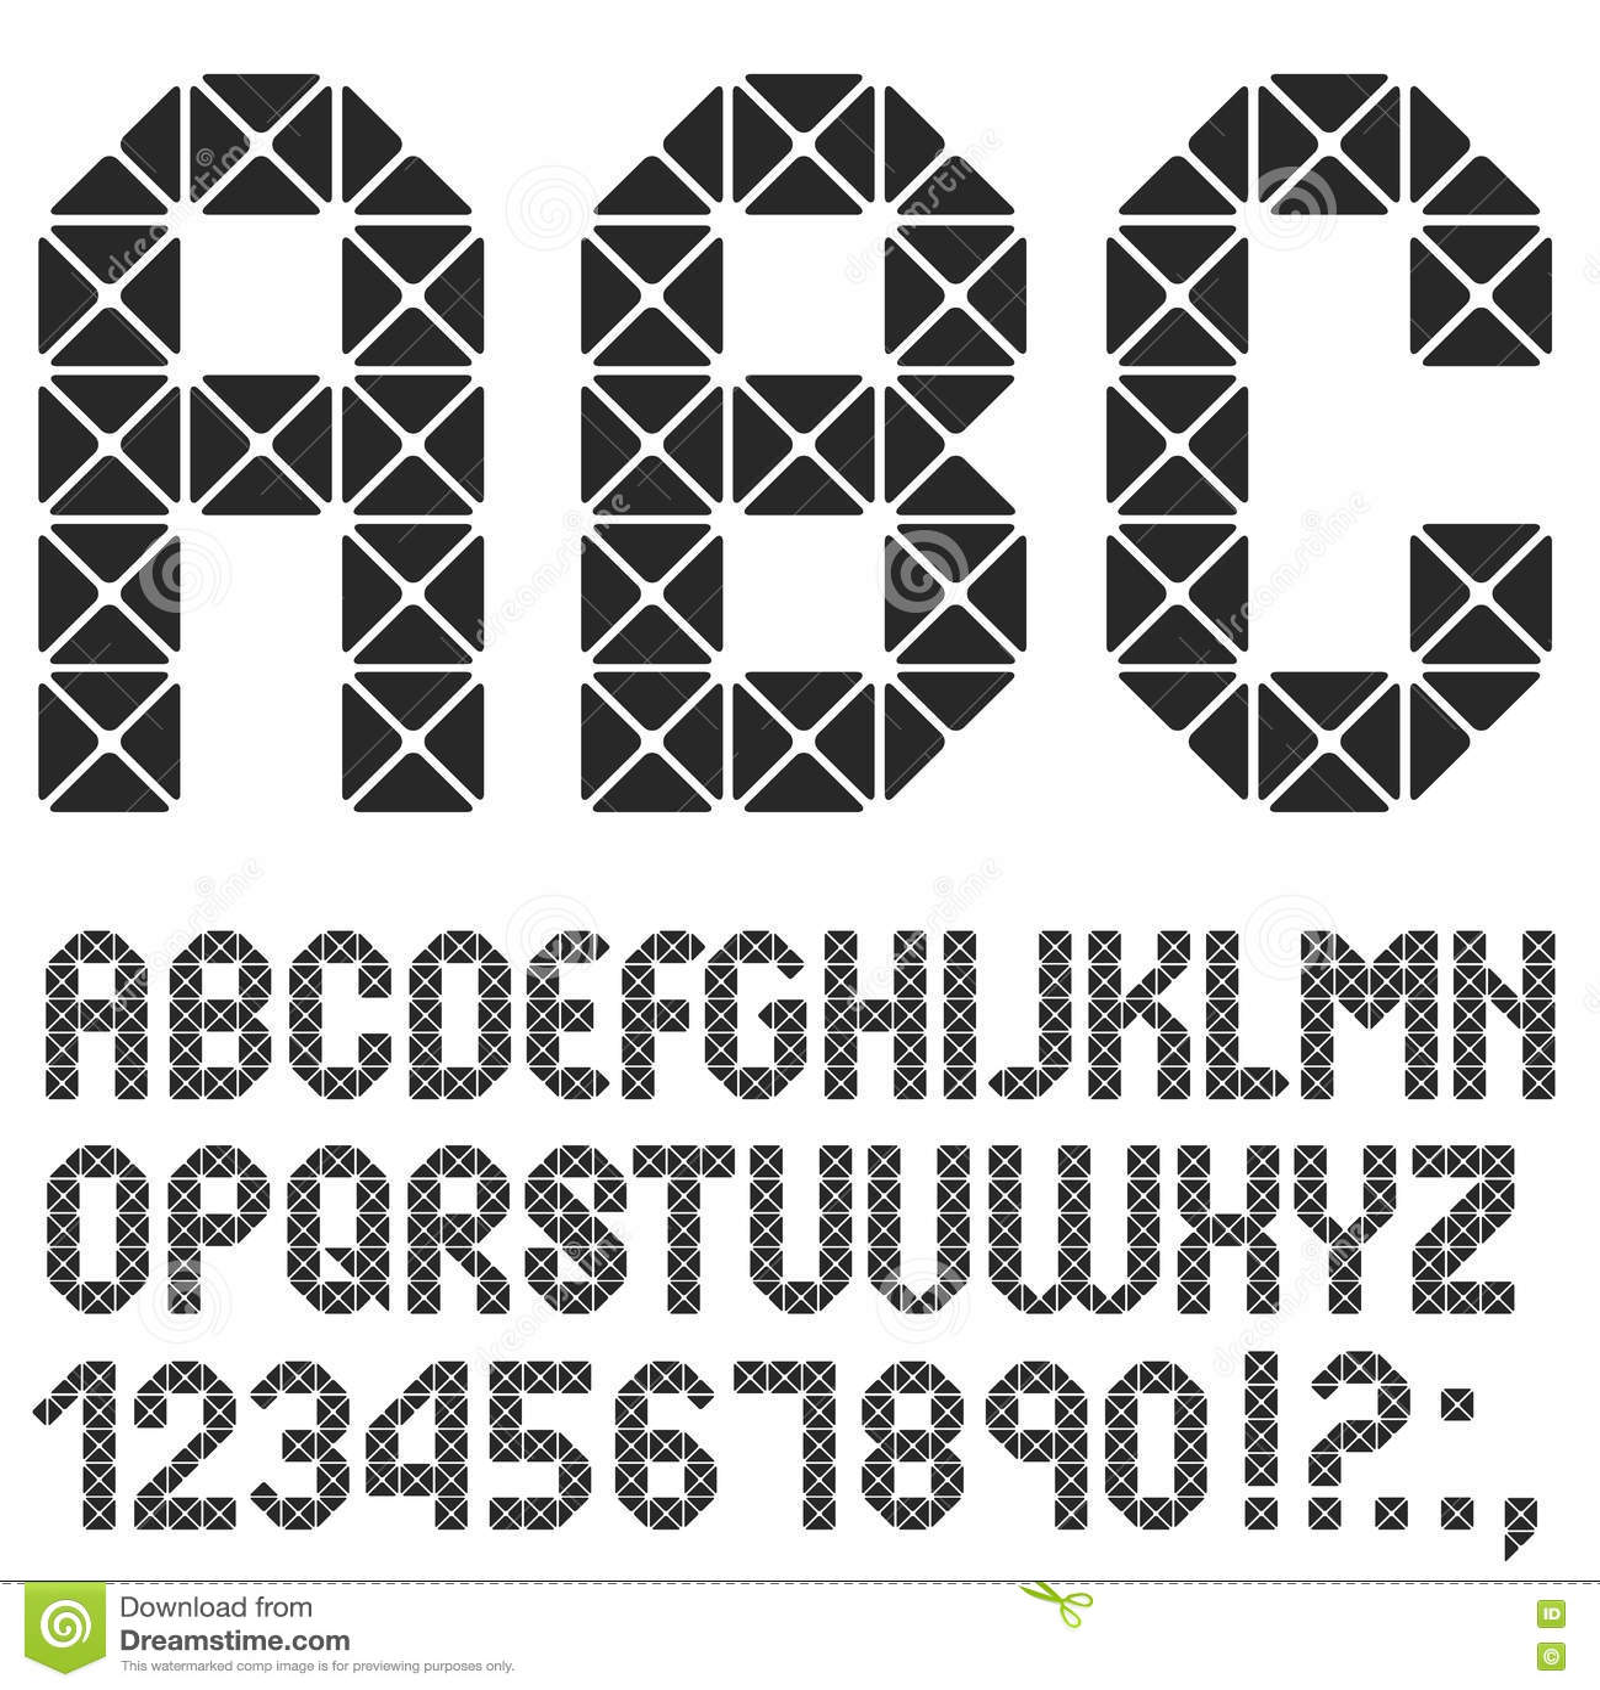 马赛克原物字母表